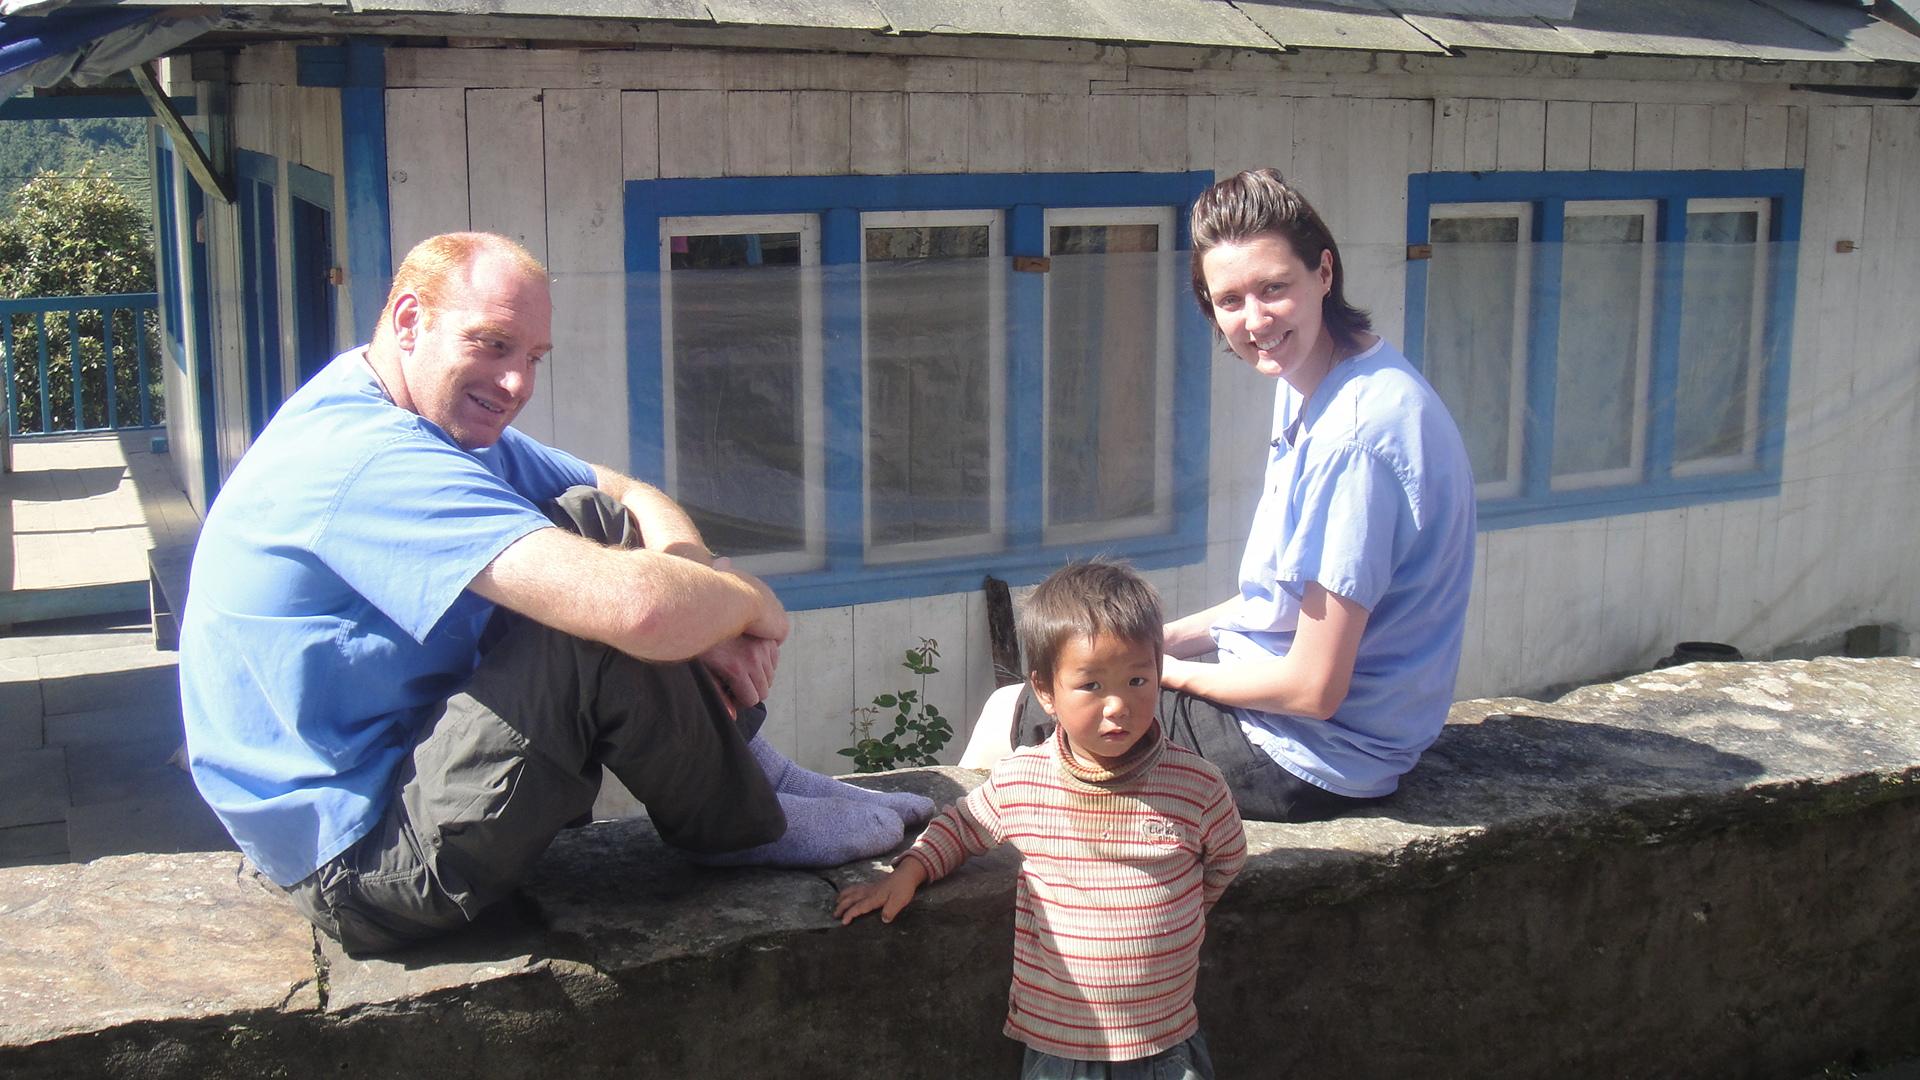 Free_Volunteer_Medical_Adventure_Alternative_Nepal.JPG